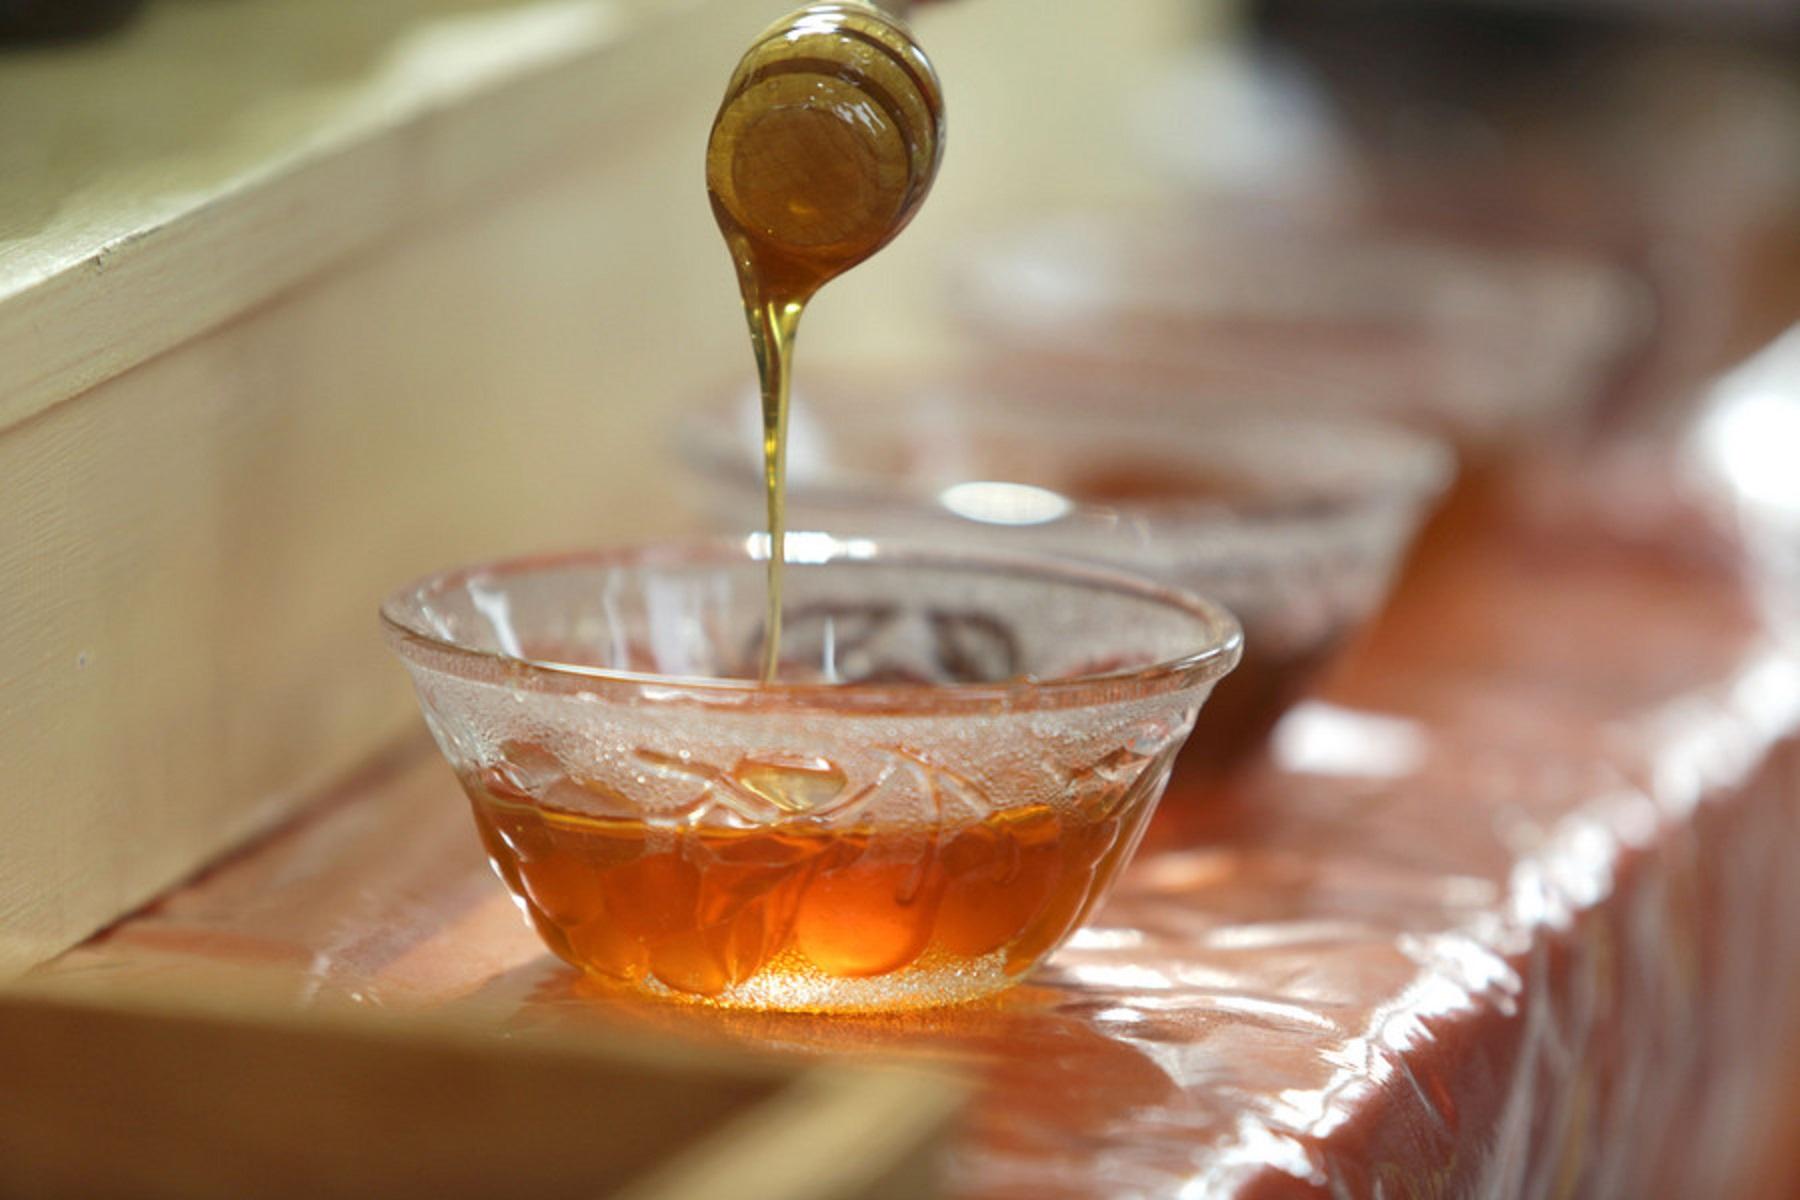 Συναγερμός από τον ΕΦΕΤ! Ανακαλείται νοθευμένο μέλι – ΜΗΝ ΤΟ ΚΑΤΑΝΑΛΩΣΕΤΕ (pics)